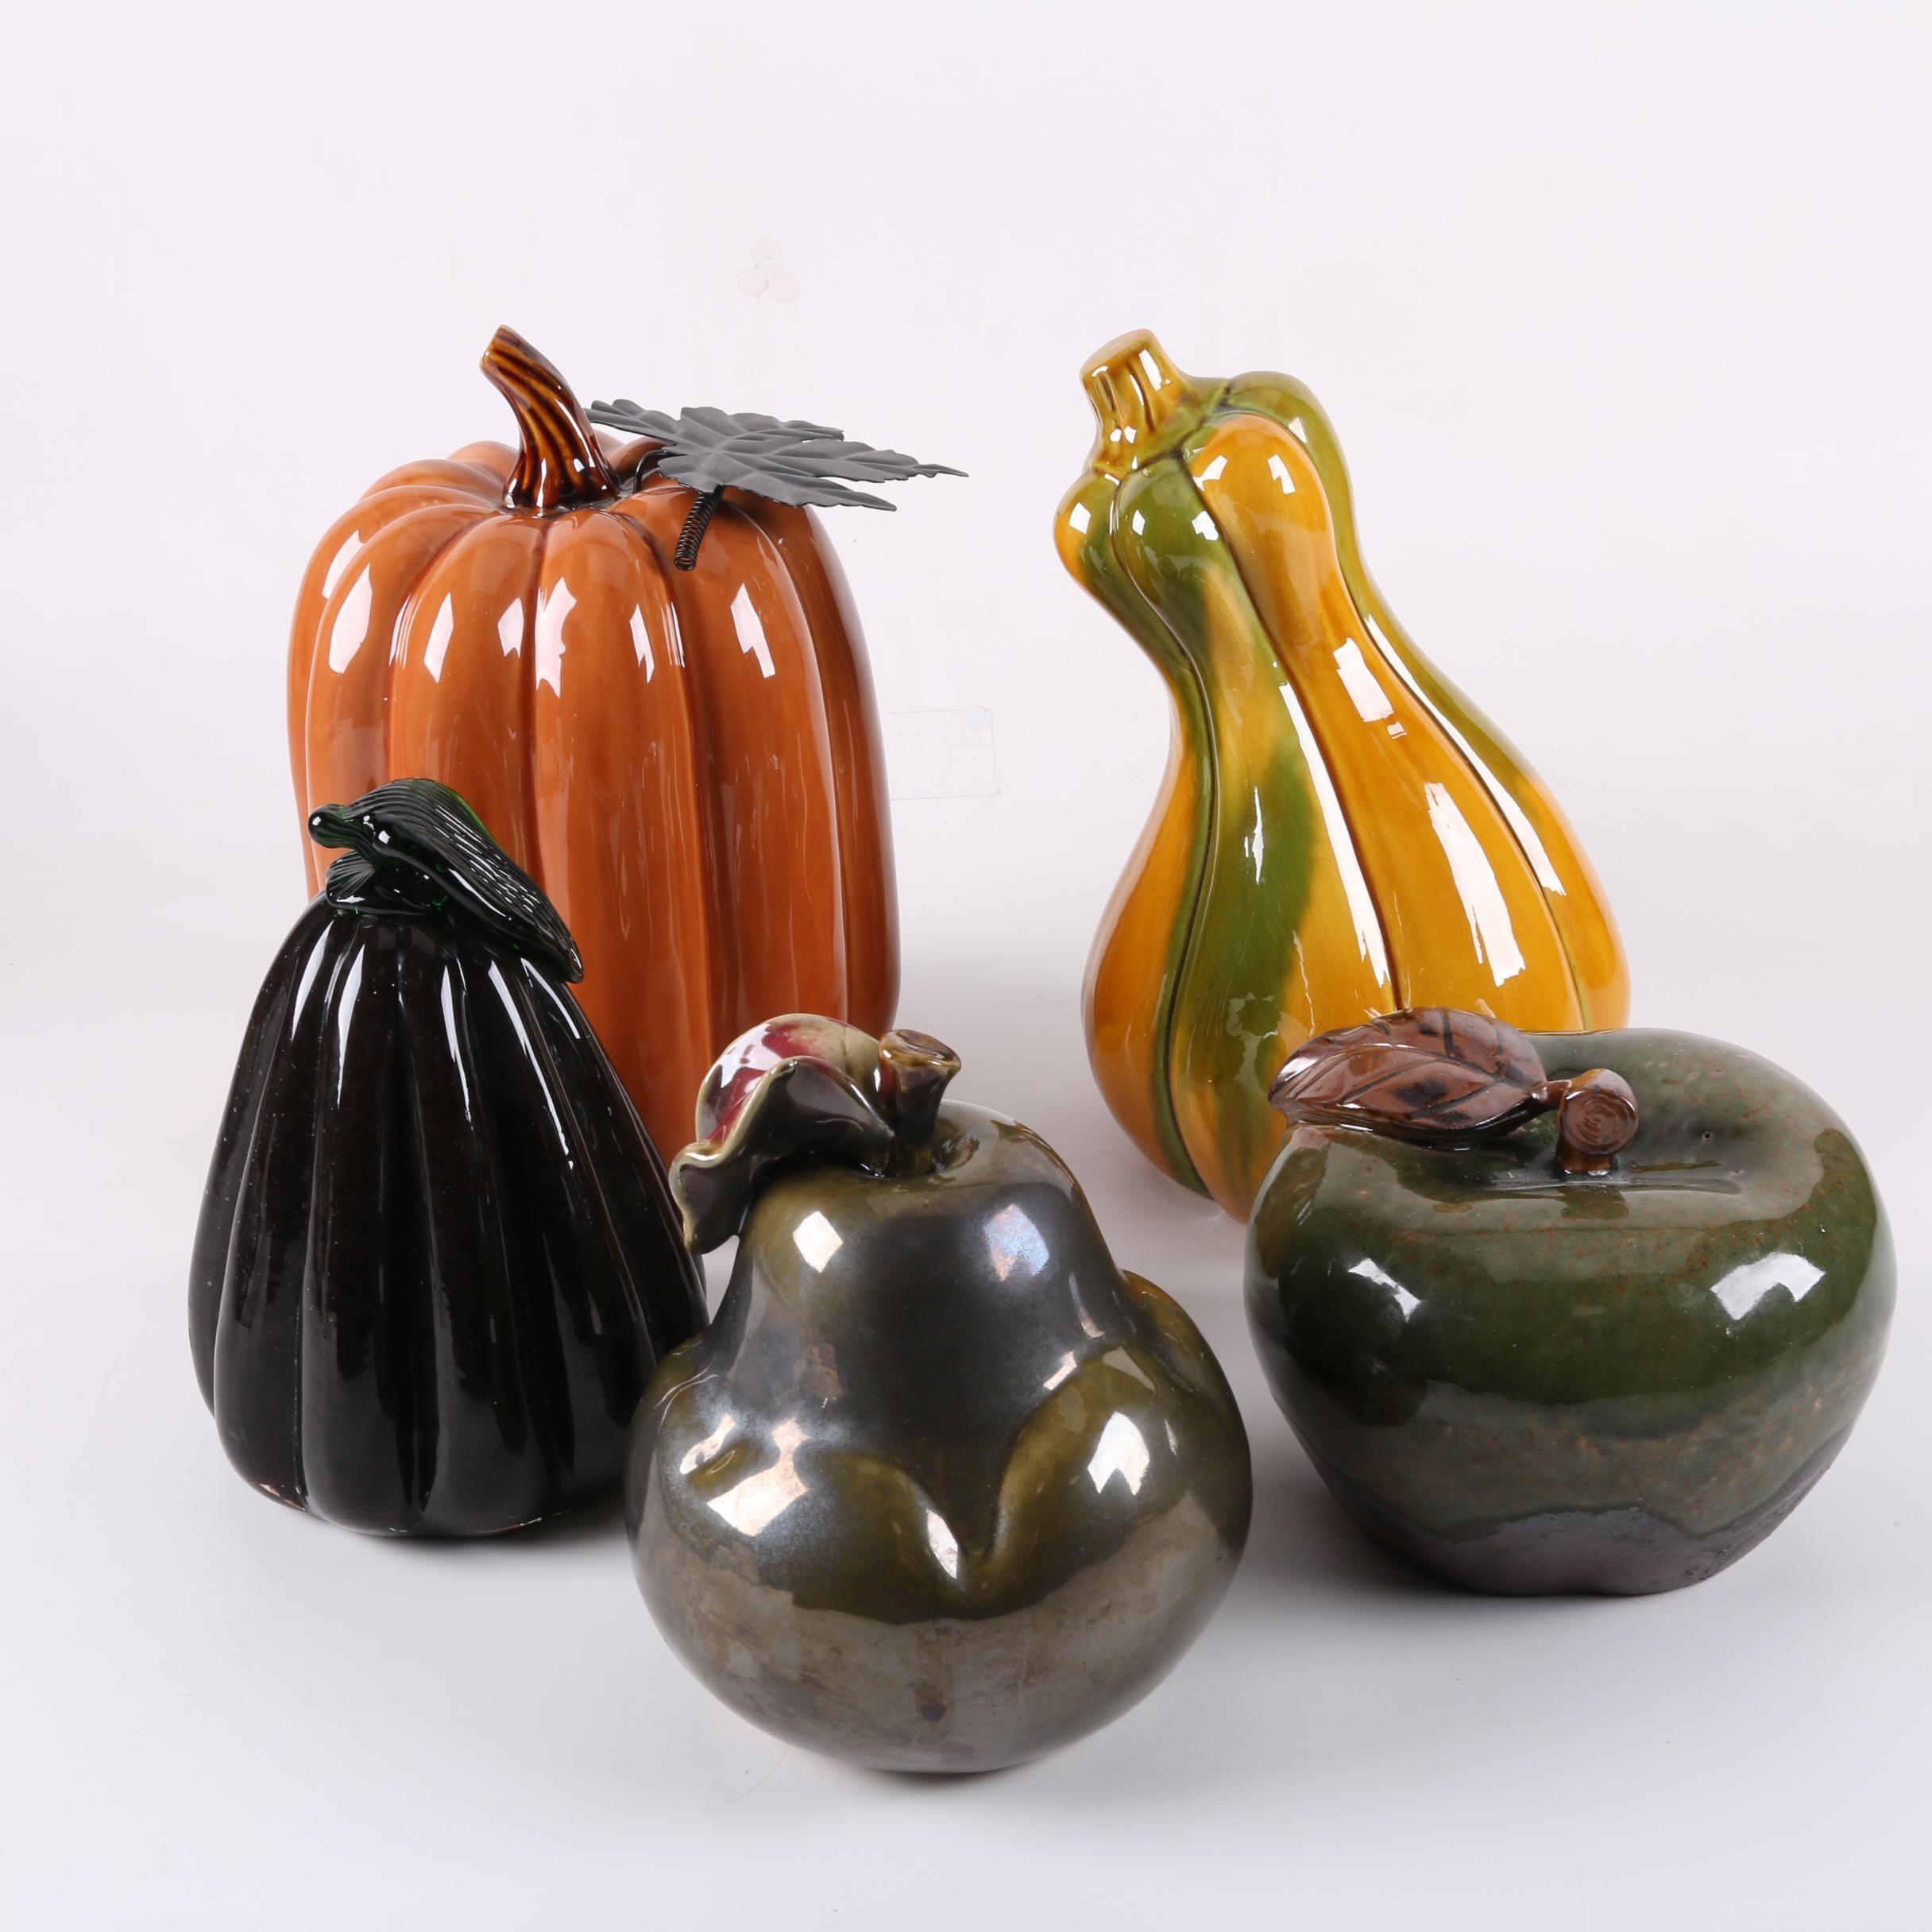 Ceramic and Metal Decorative Fruit Featuring Harvest